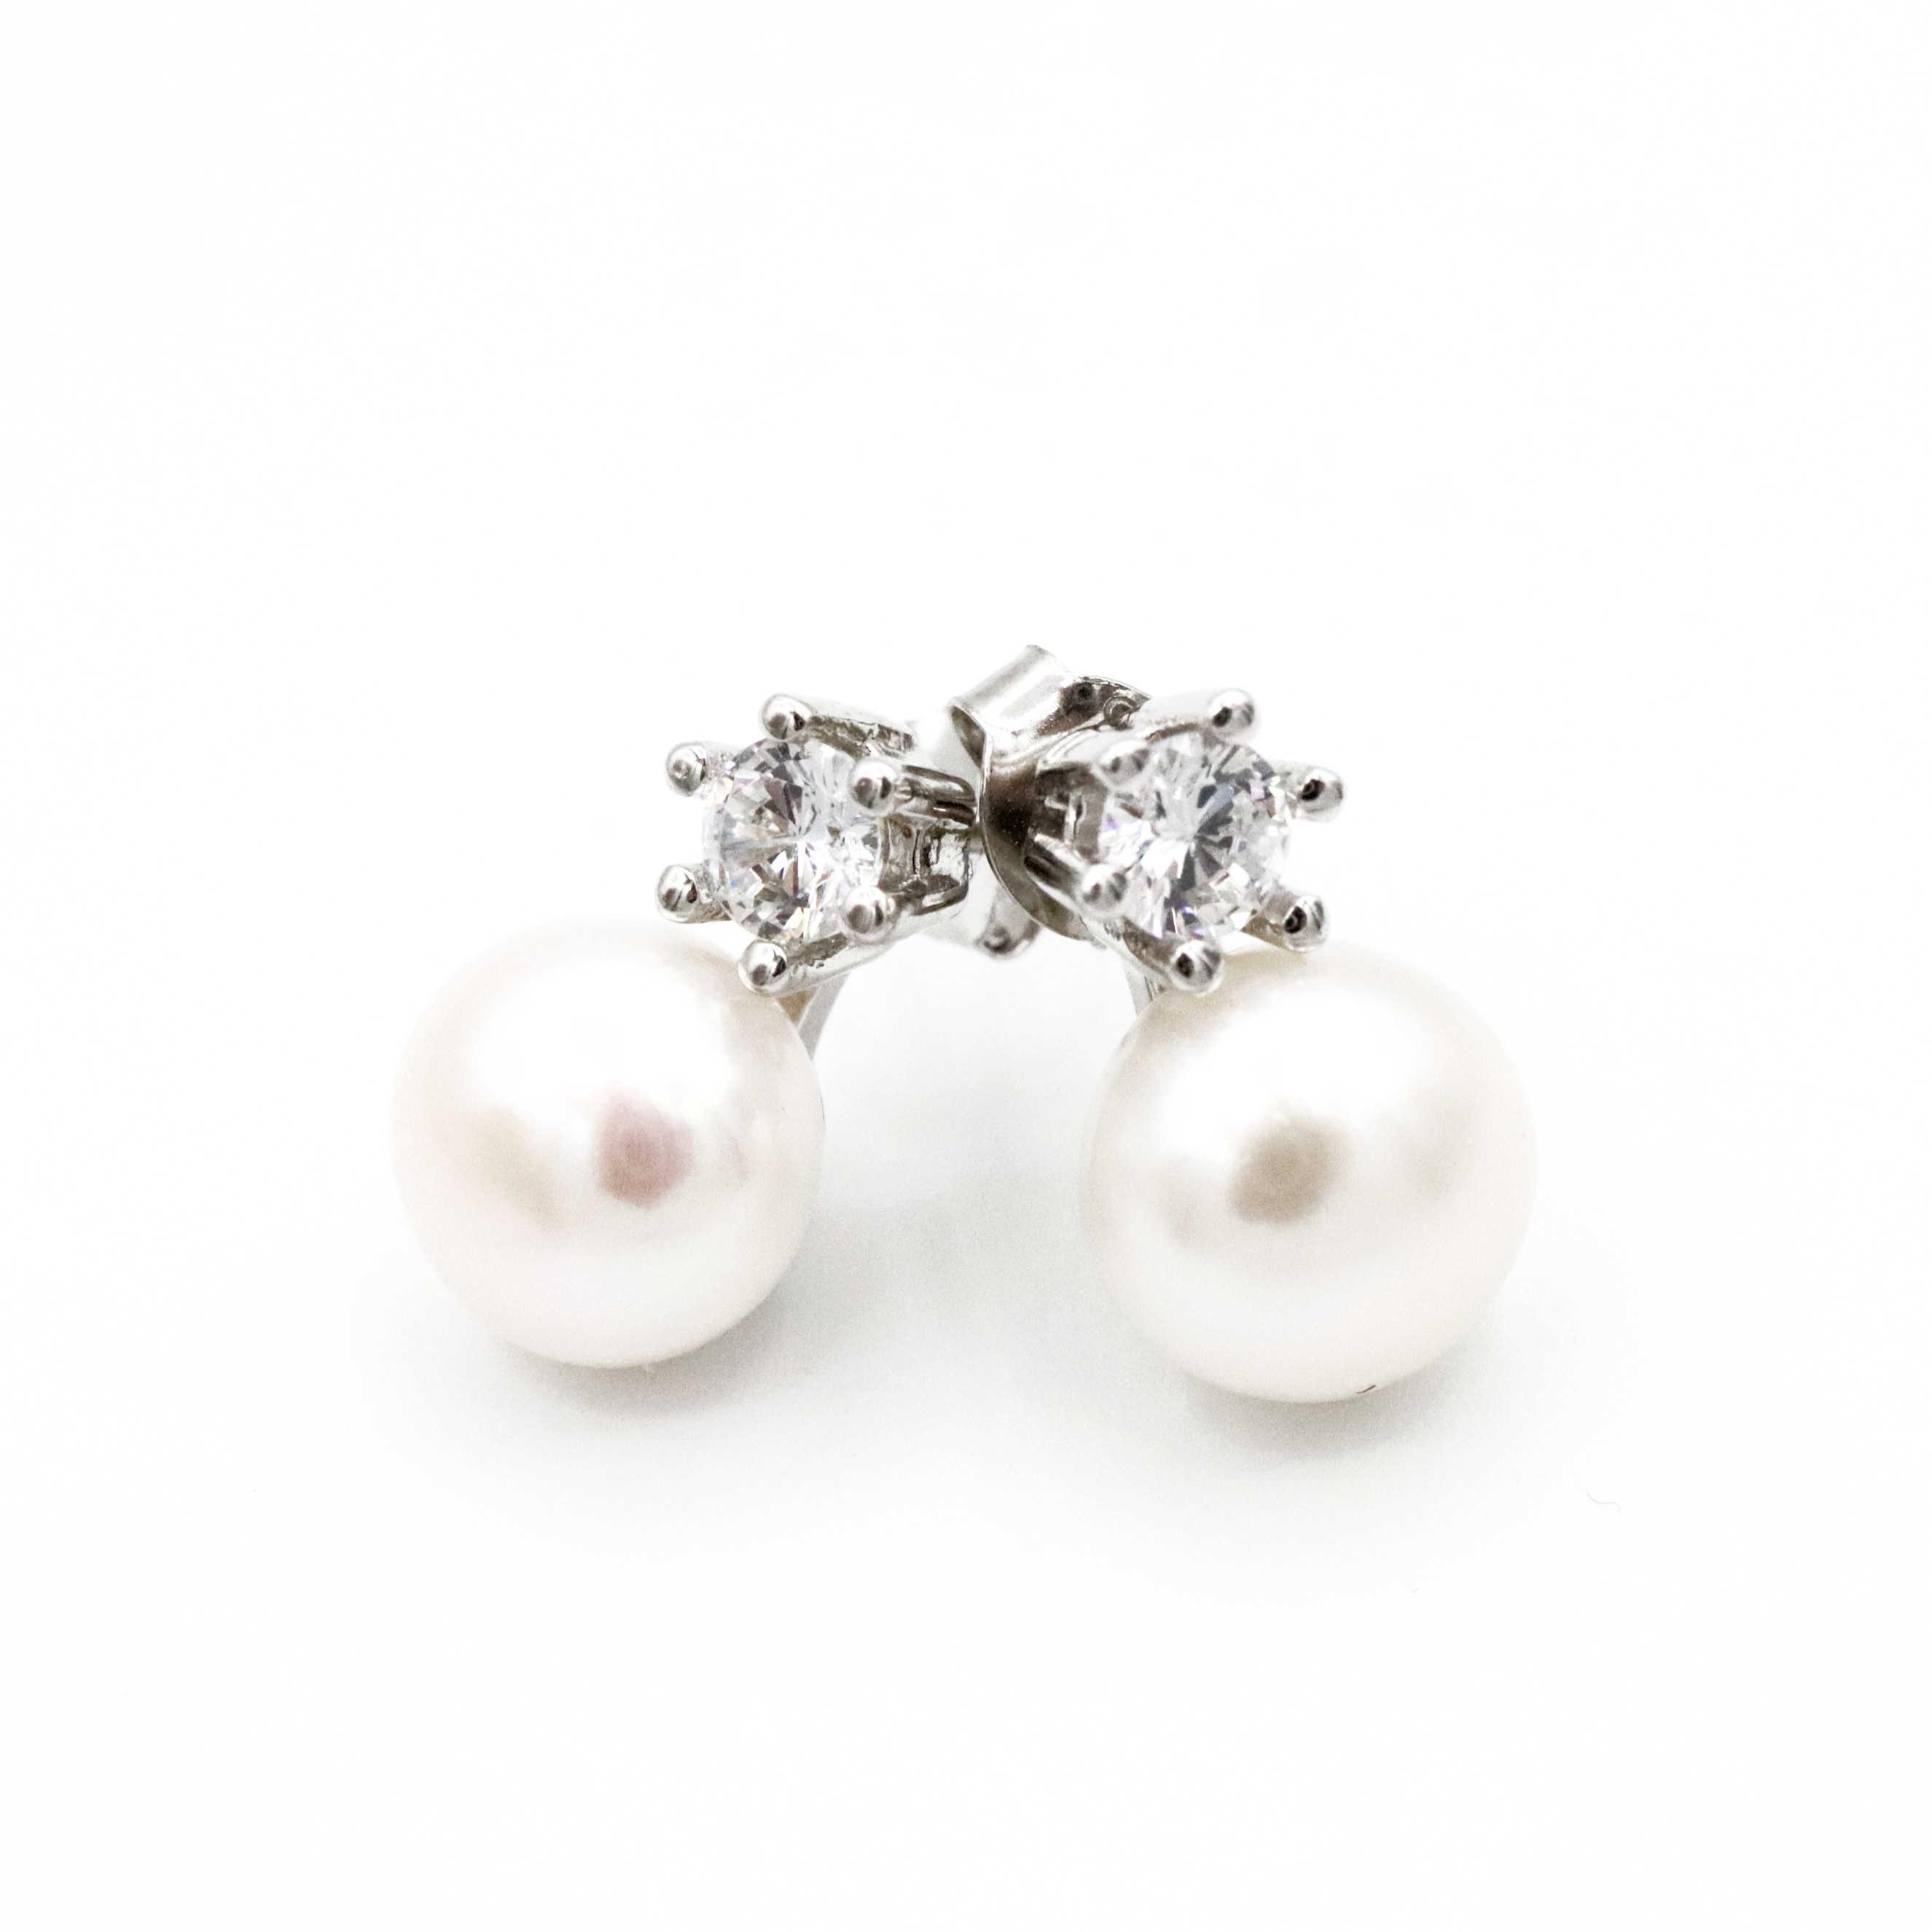 Pearl Earrings Pearl Stud Earrings Gold Pearl Earrings Wedding Earrings Stud Earring Round Pearl White Pearl Earrings Post Earrings